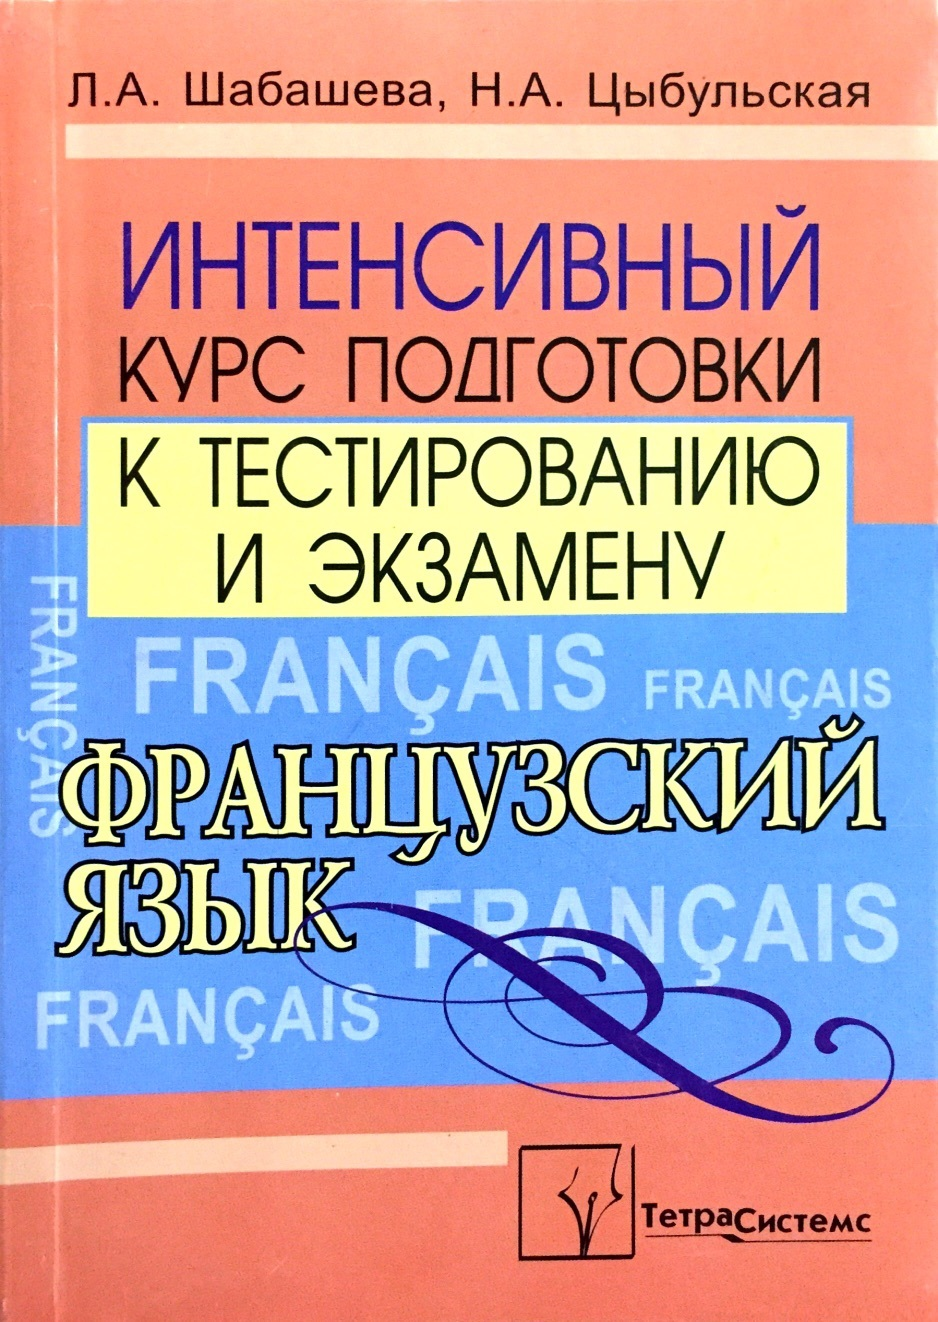 Л. А. Шабашева, Н. А. Цыбульская. Французский язык. Интенсивный курс подготовки к тестированию и экзамену